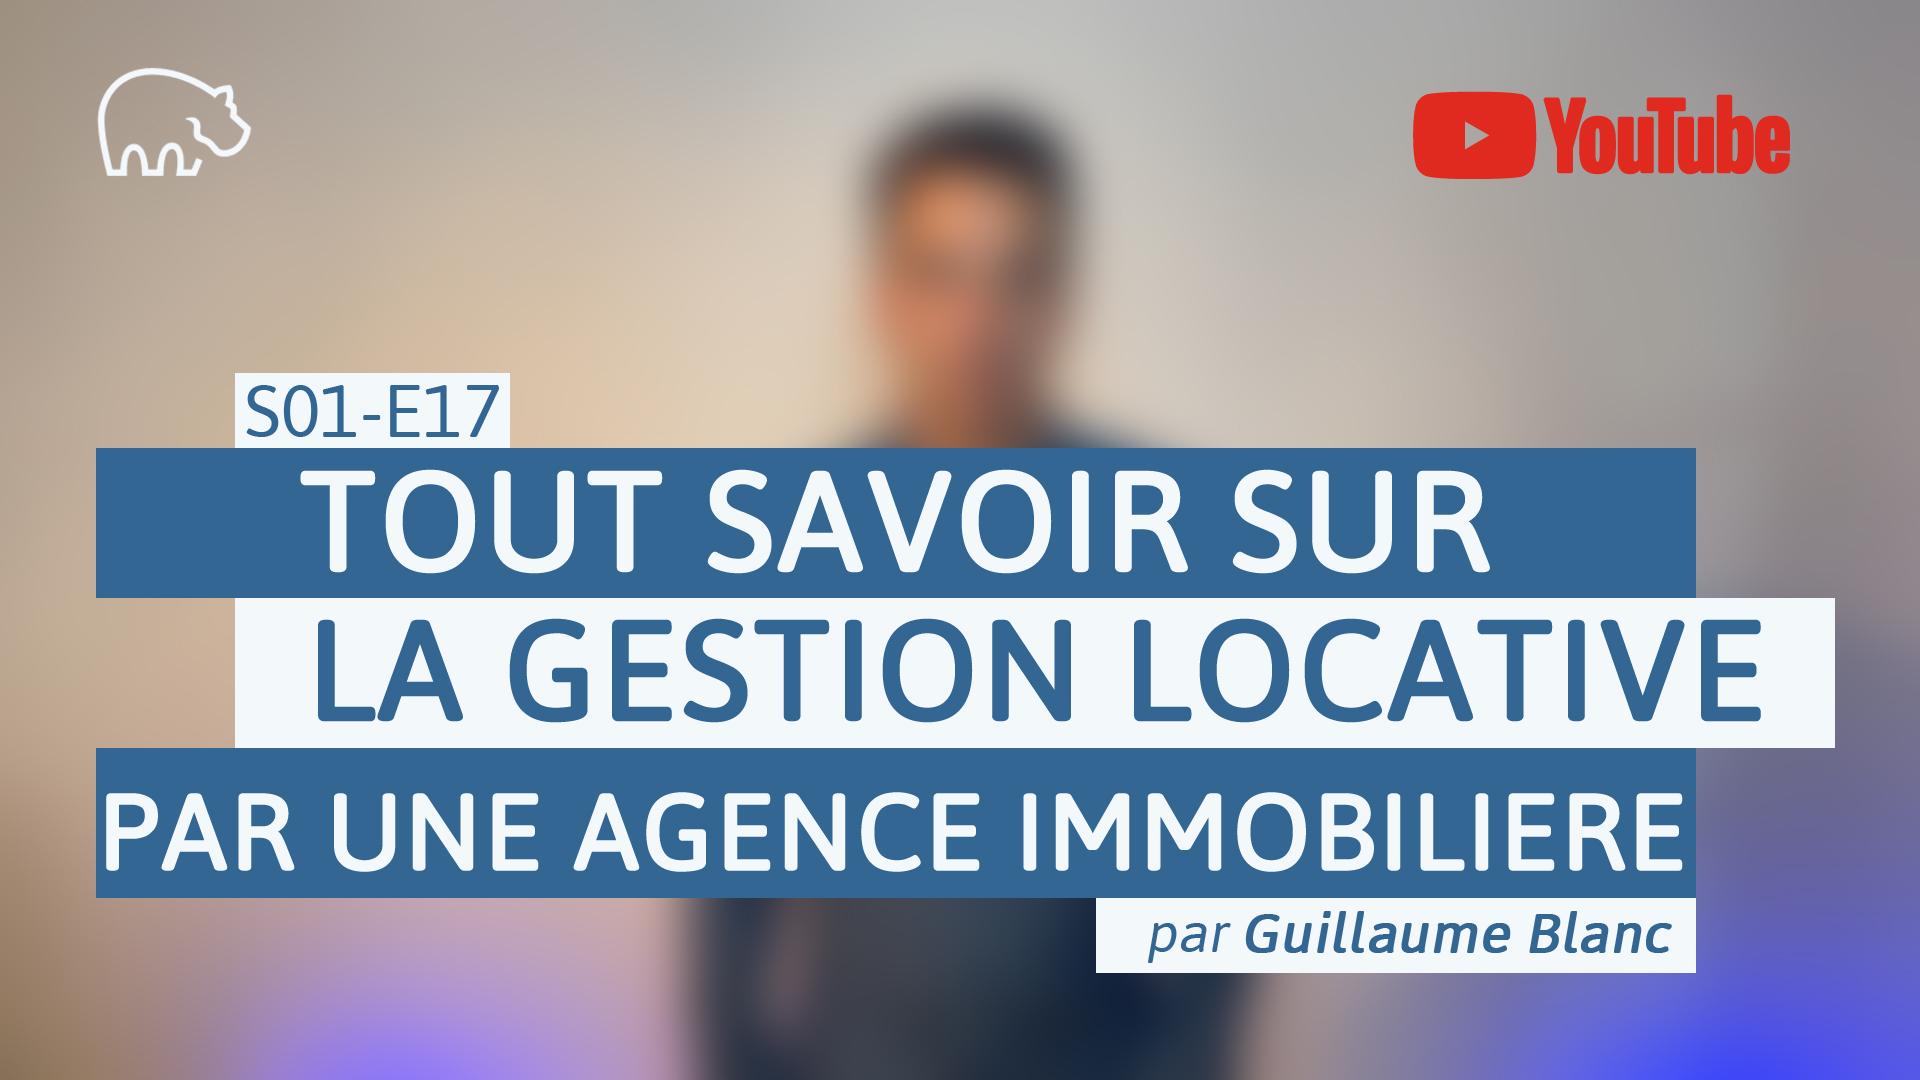 Bannière illustration - ImmoPotamTV - YouTube - Guillaume Blanc - S01-E17 - Tout savoir sur la gestion locative par une agence immobilière